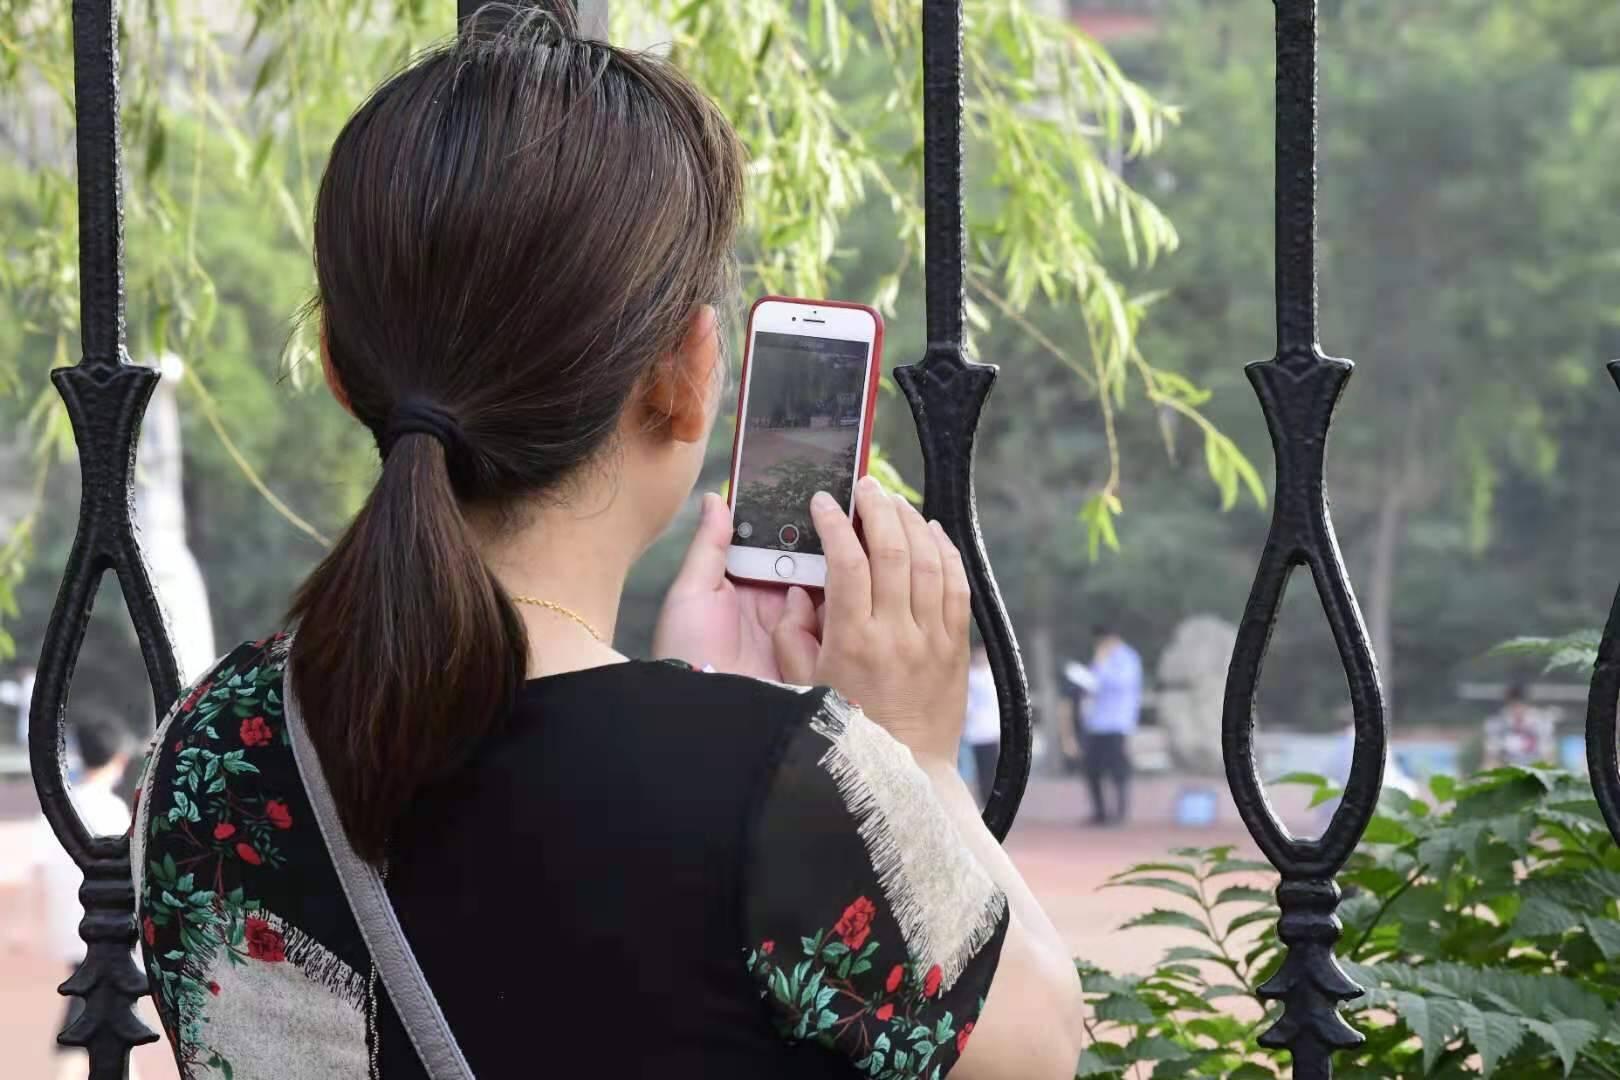 直击山东高考丨送考家长全程暖心陪伴,用手机记录孩子人生重要时刻